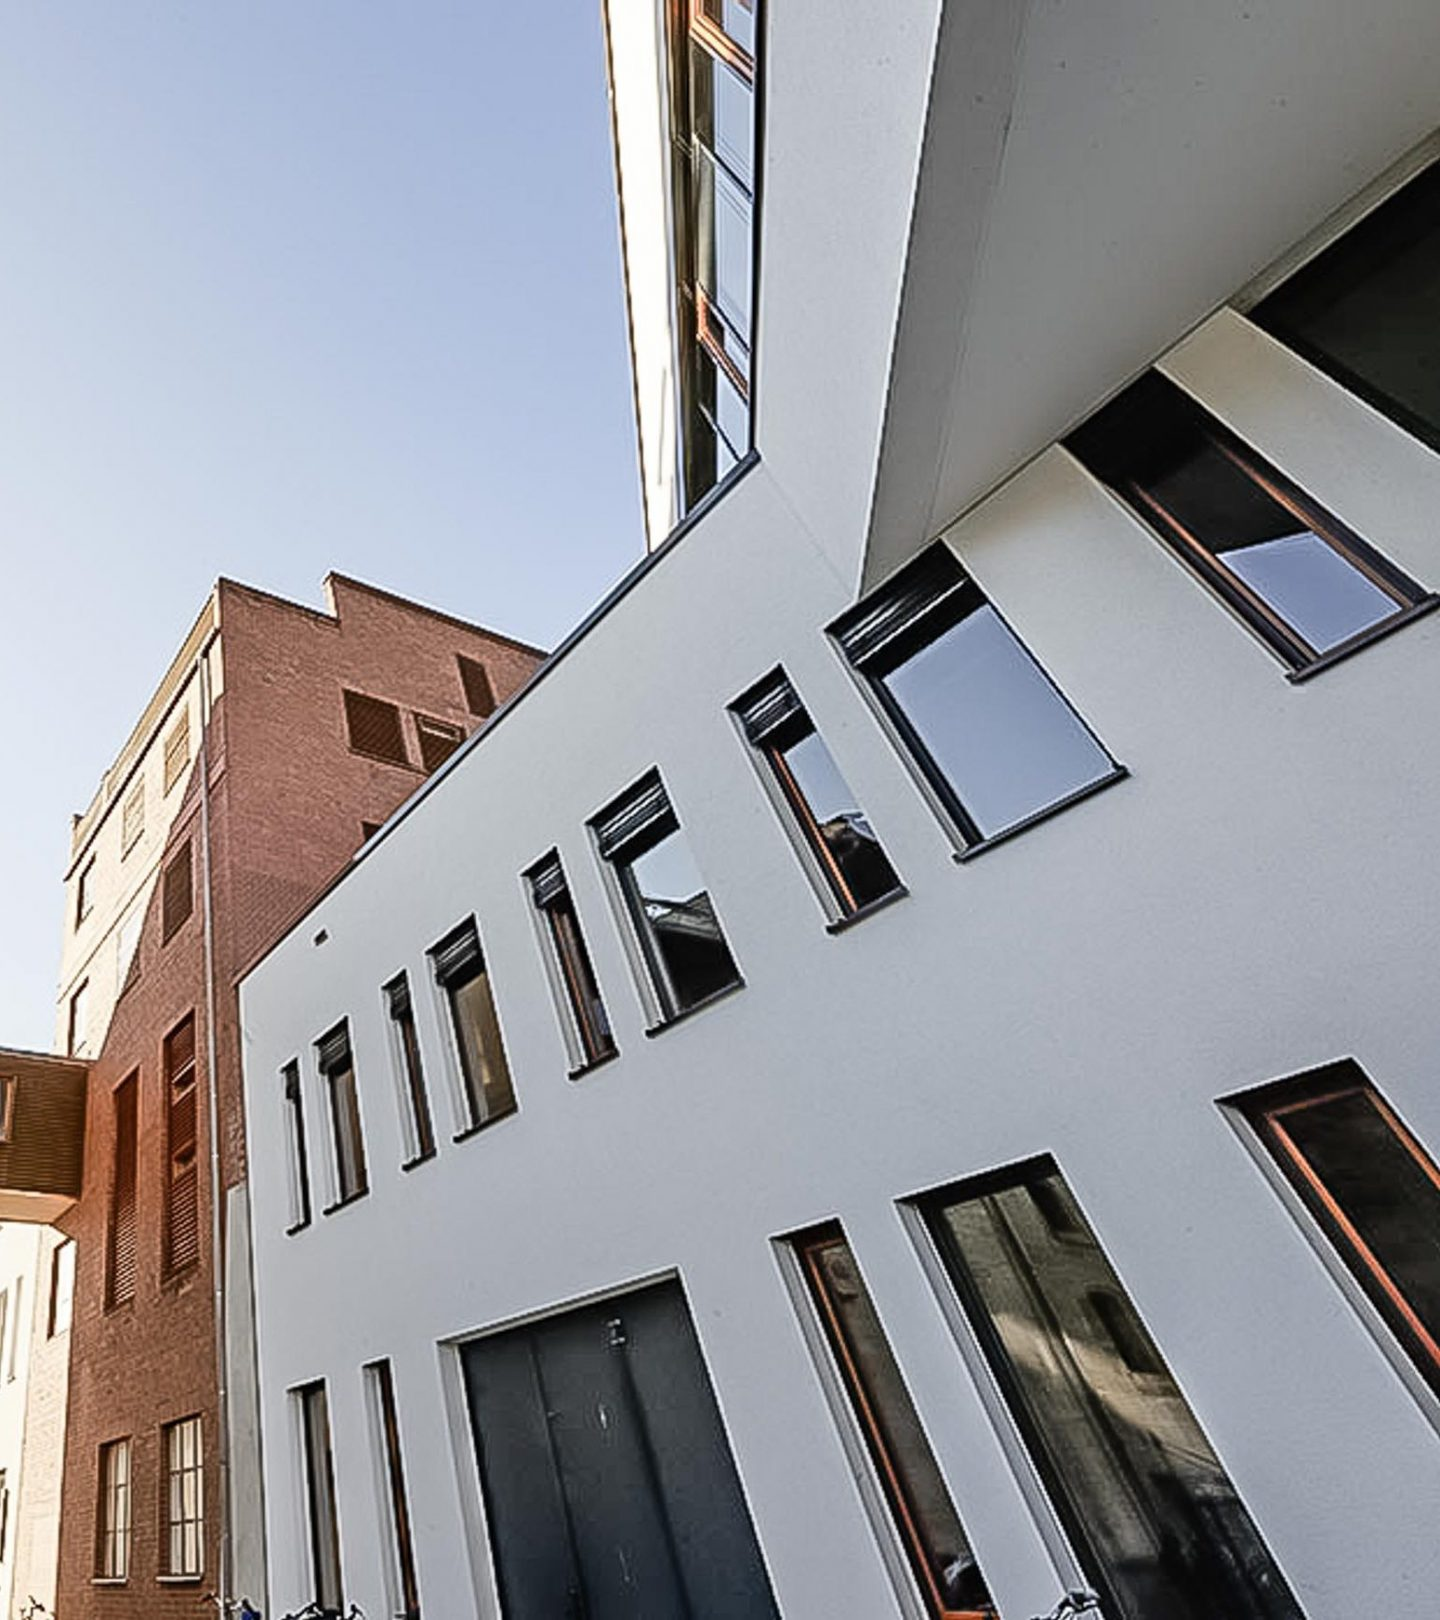 Paribus Hochschulportfolio Bayern - Außenansicht der Immobilie